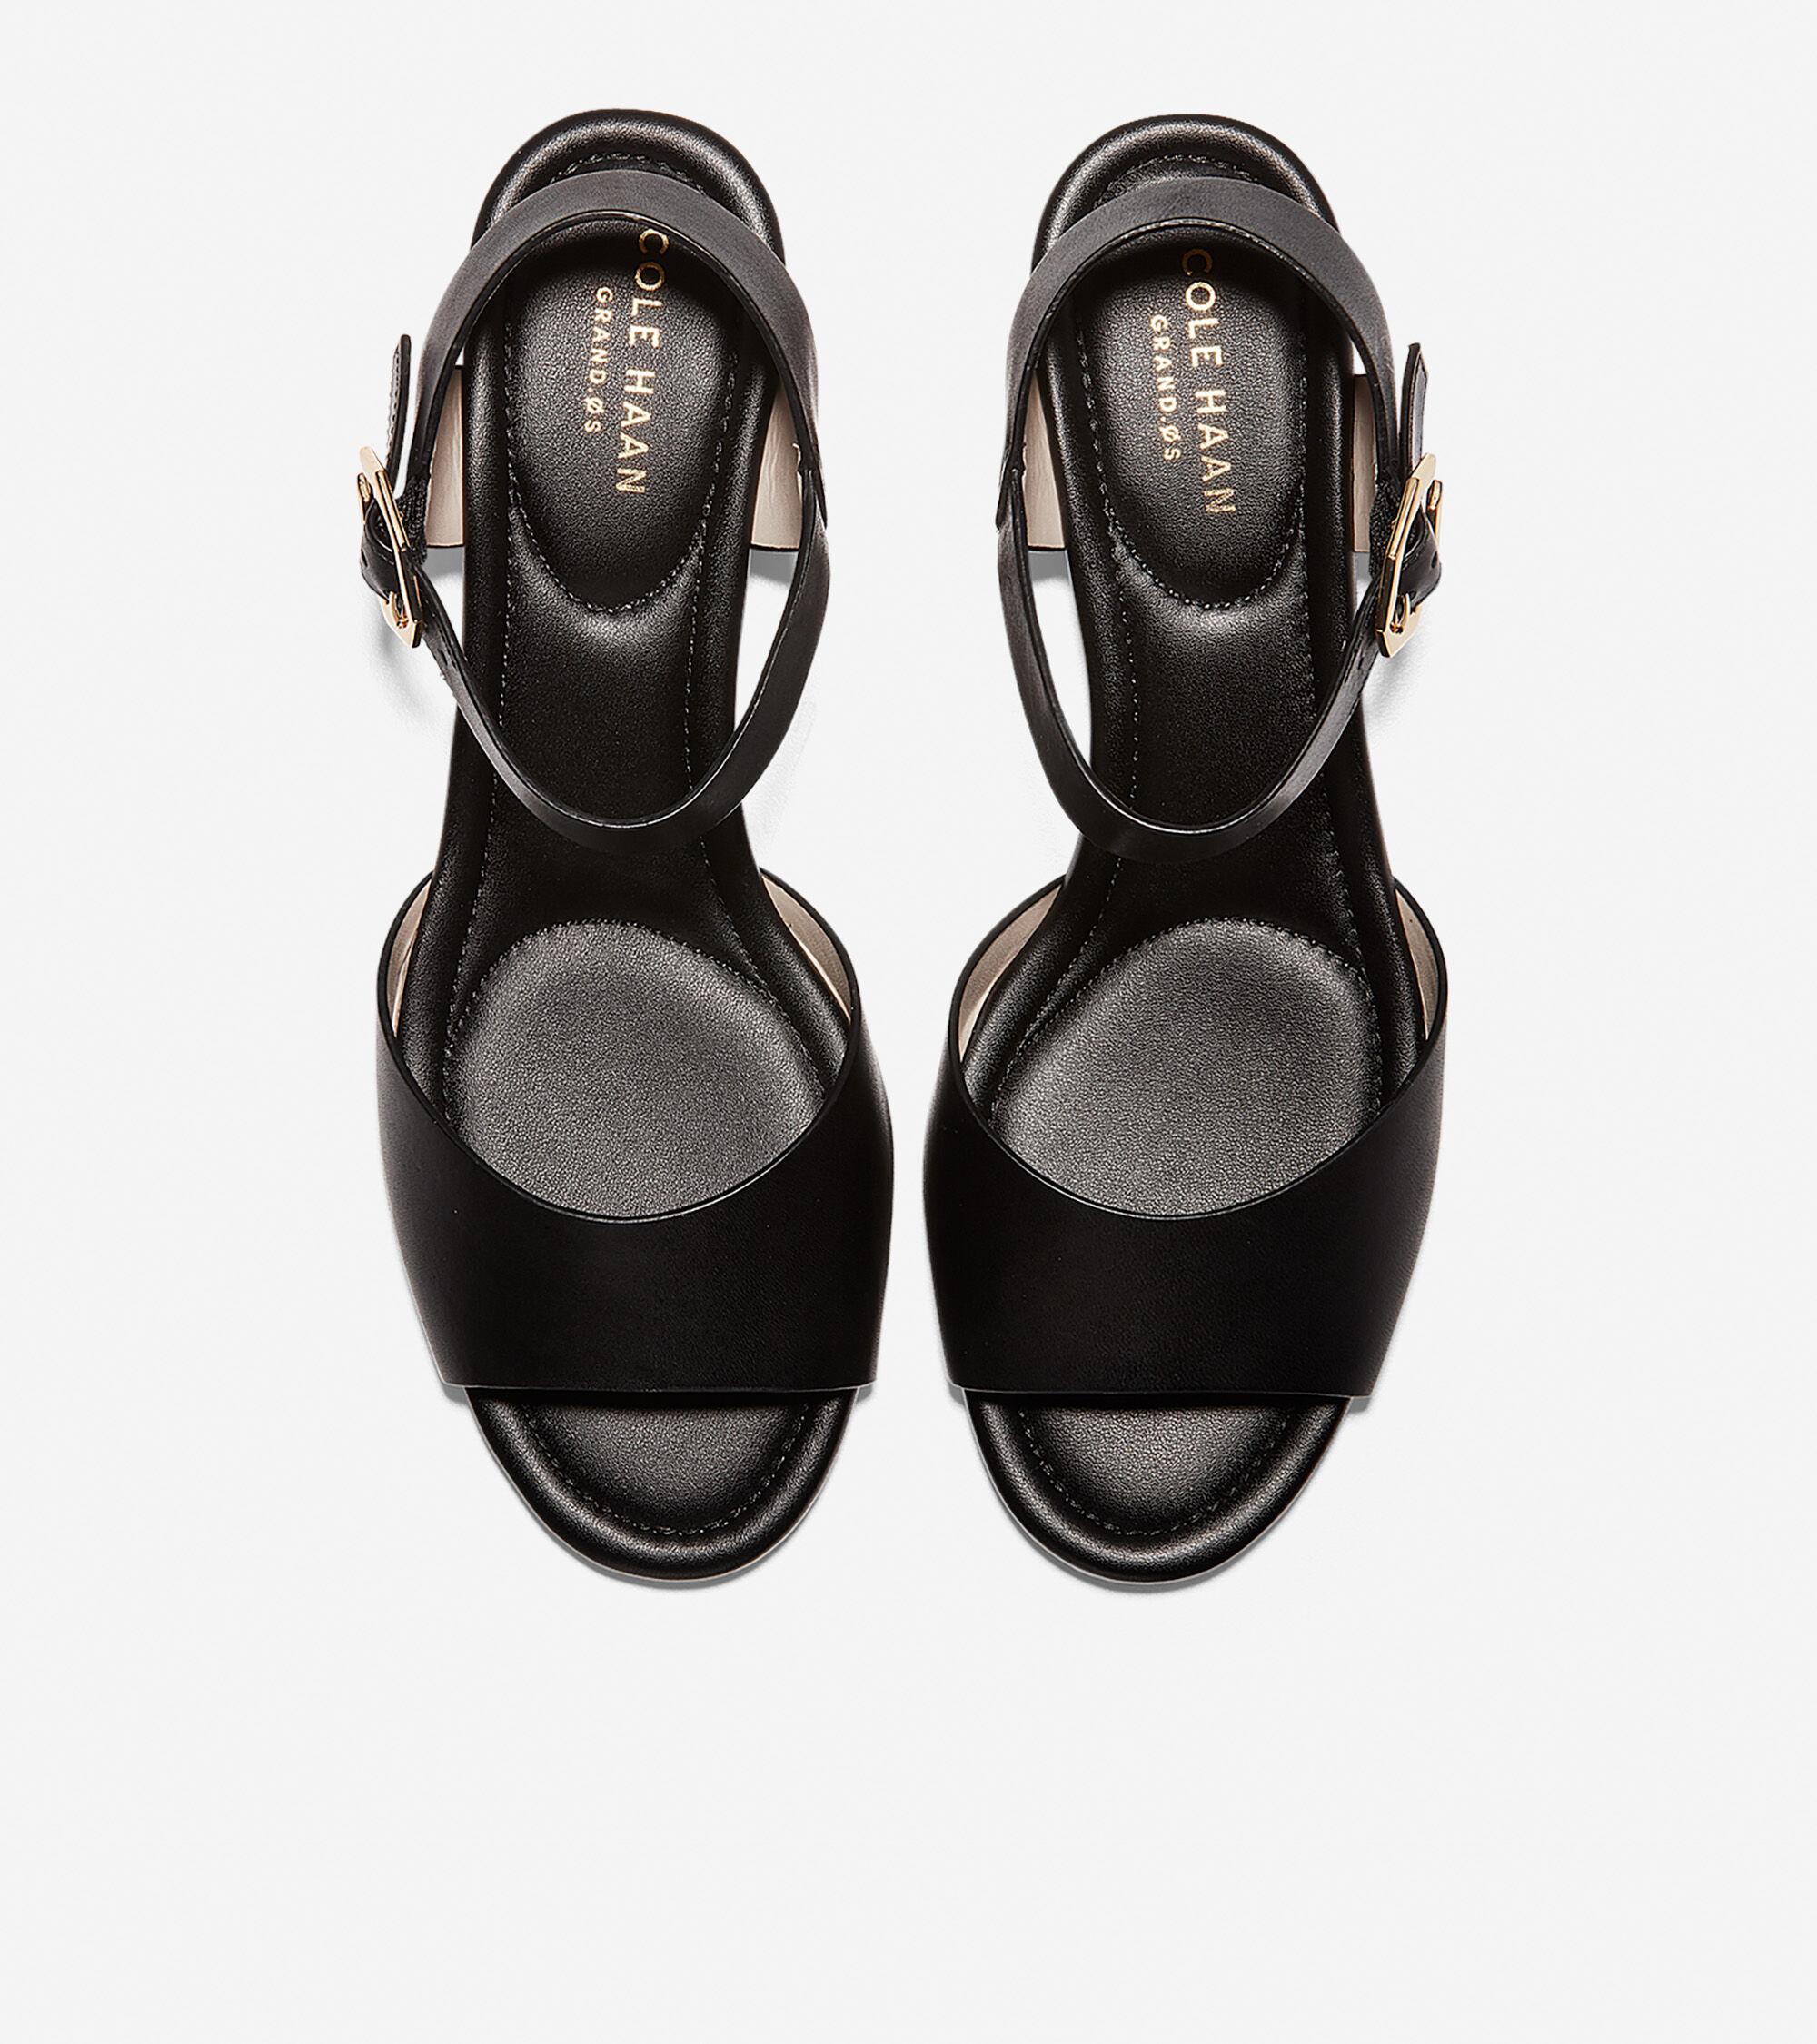 Women's Evette Wedge Sandal (40mm) in